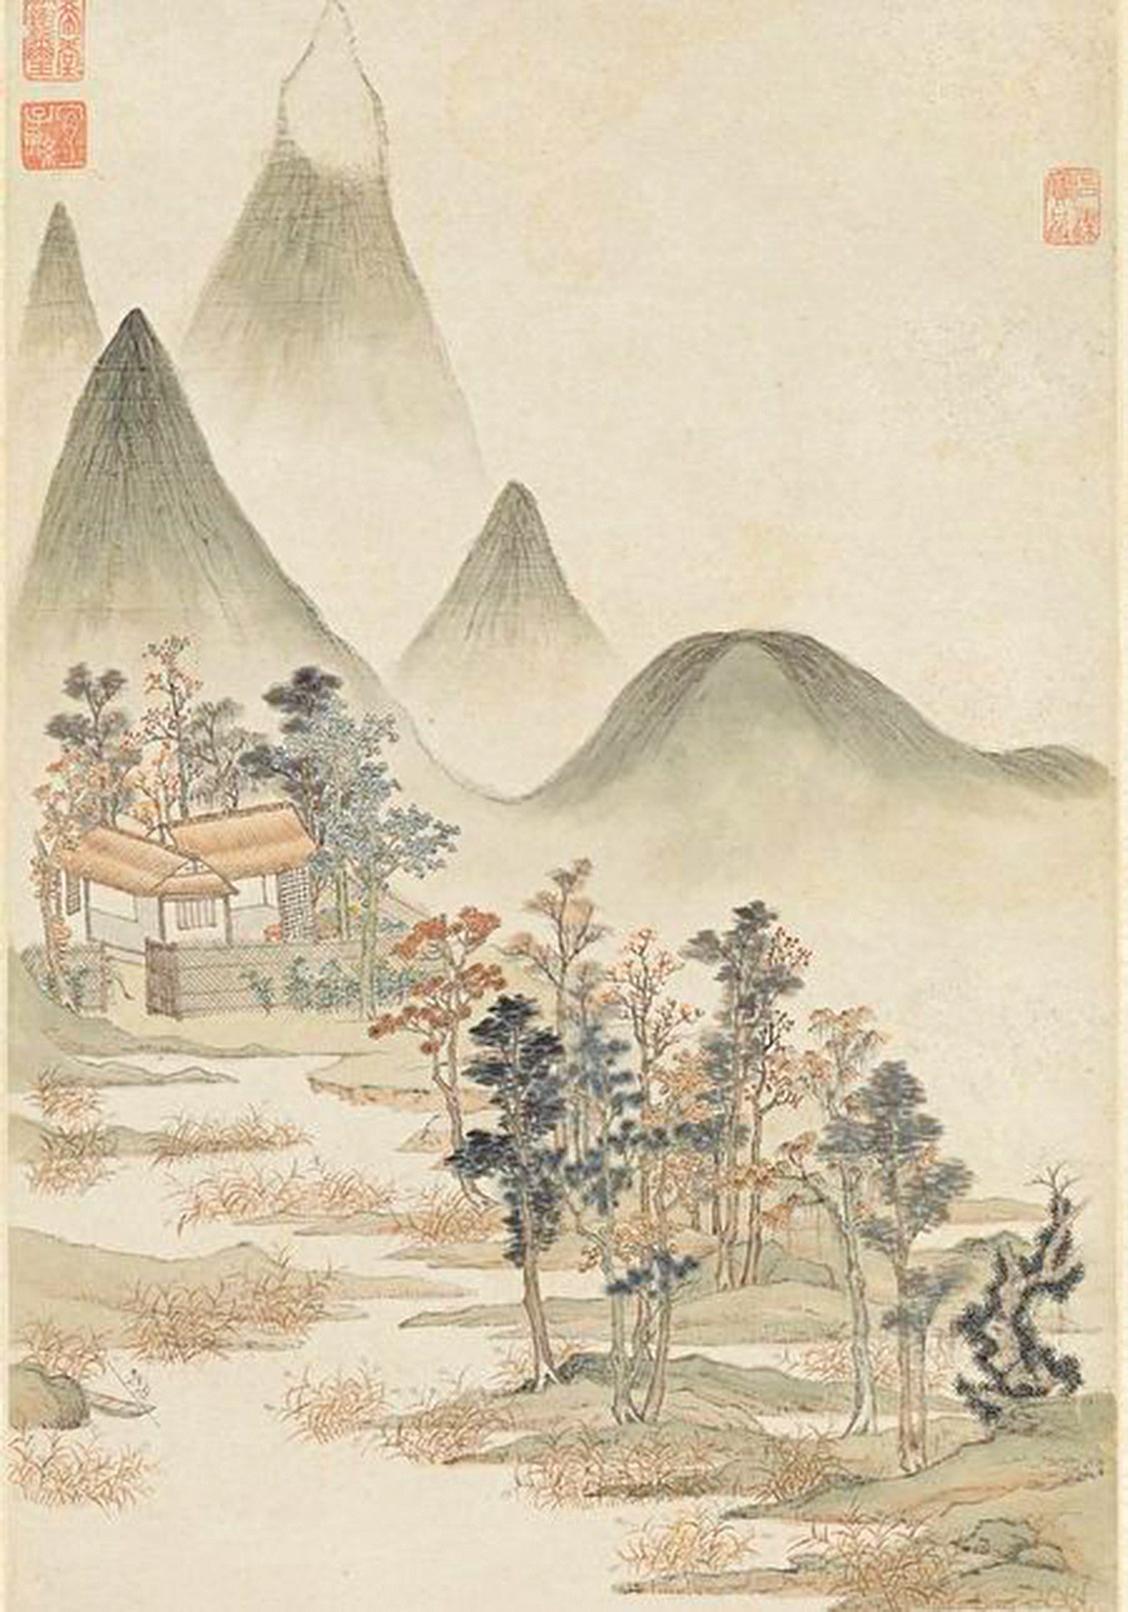 詩仙李白在晚年創作《獨坐敬亭山》,意境靜謐遼遠,已然在孤獨中泰然自若,達到天人合一的境界了。圖為明‧顧凝遠《山水》(公有領域)